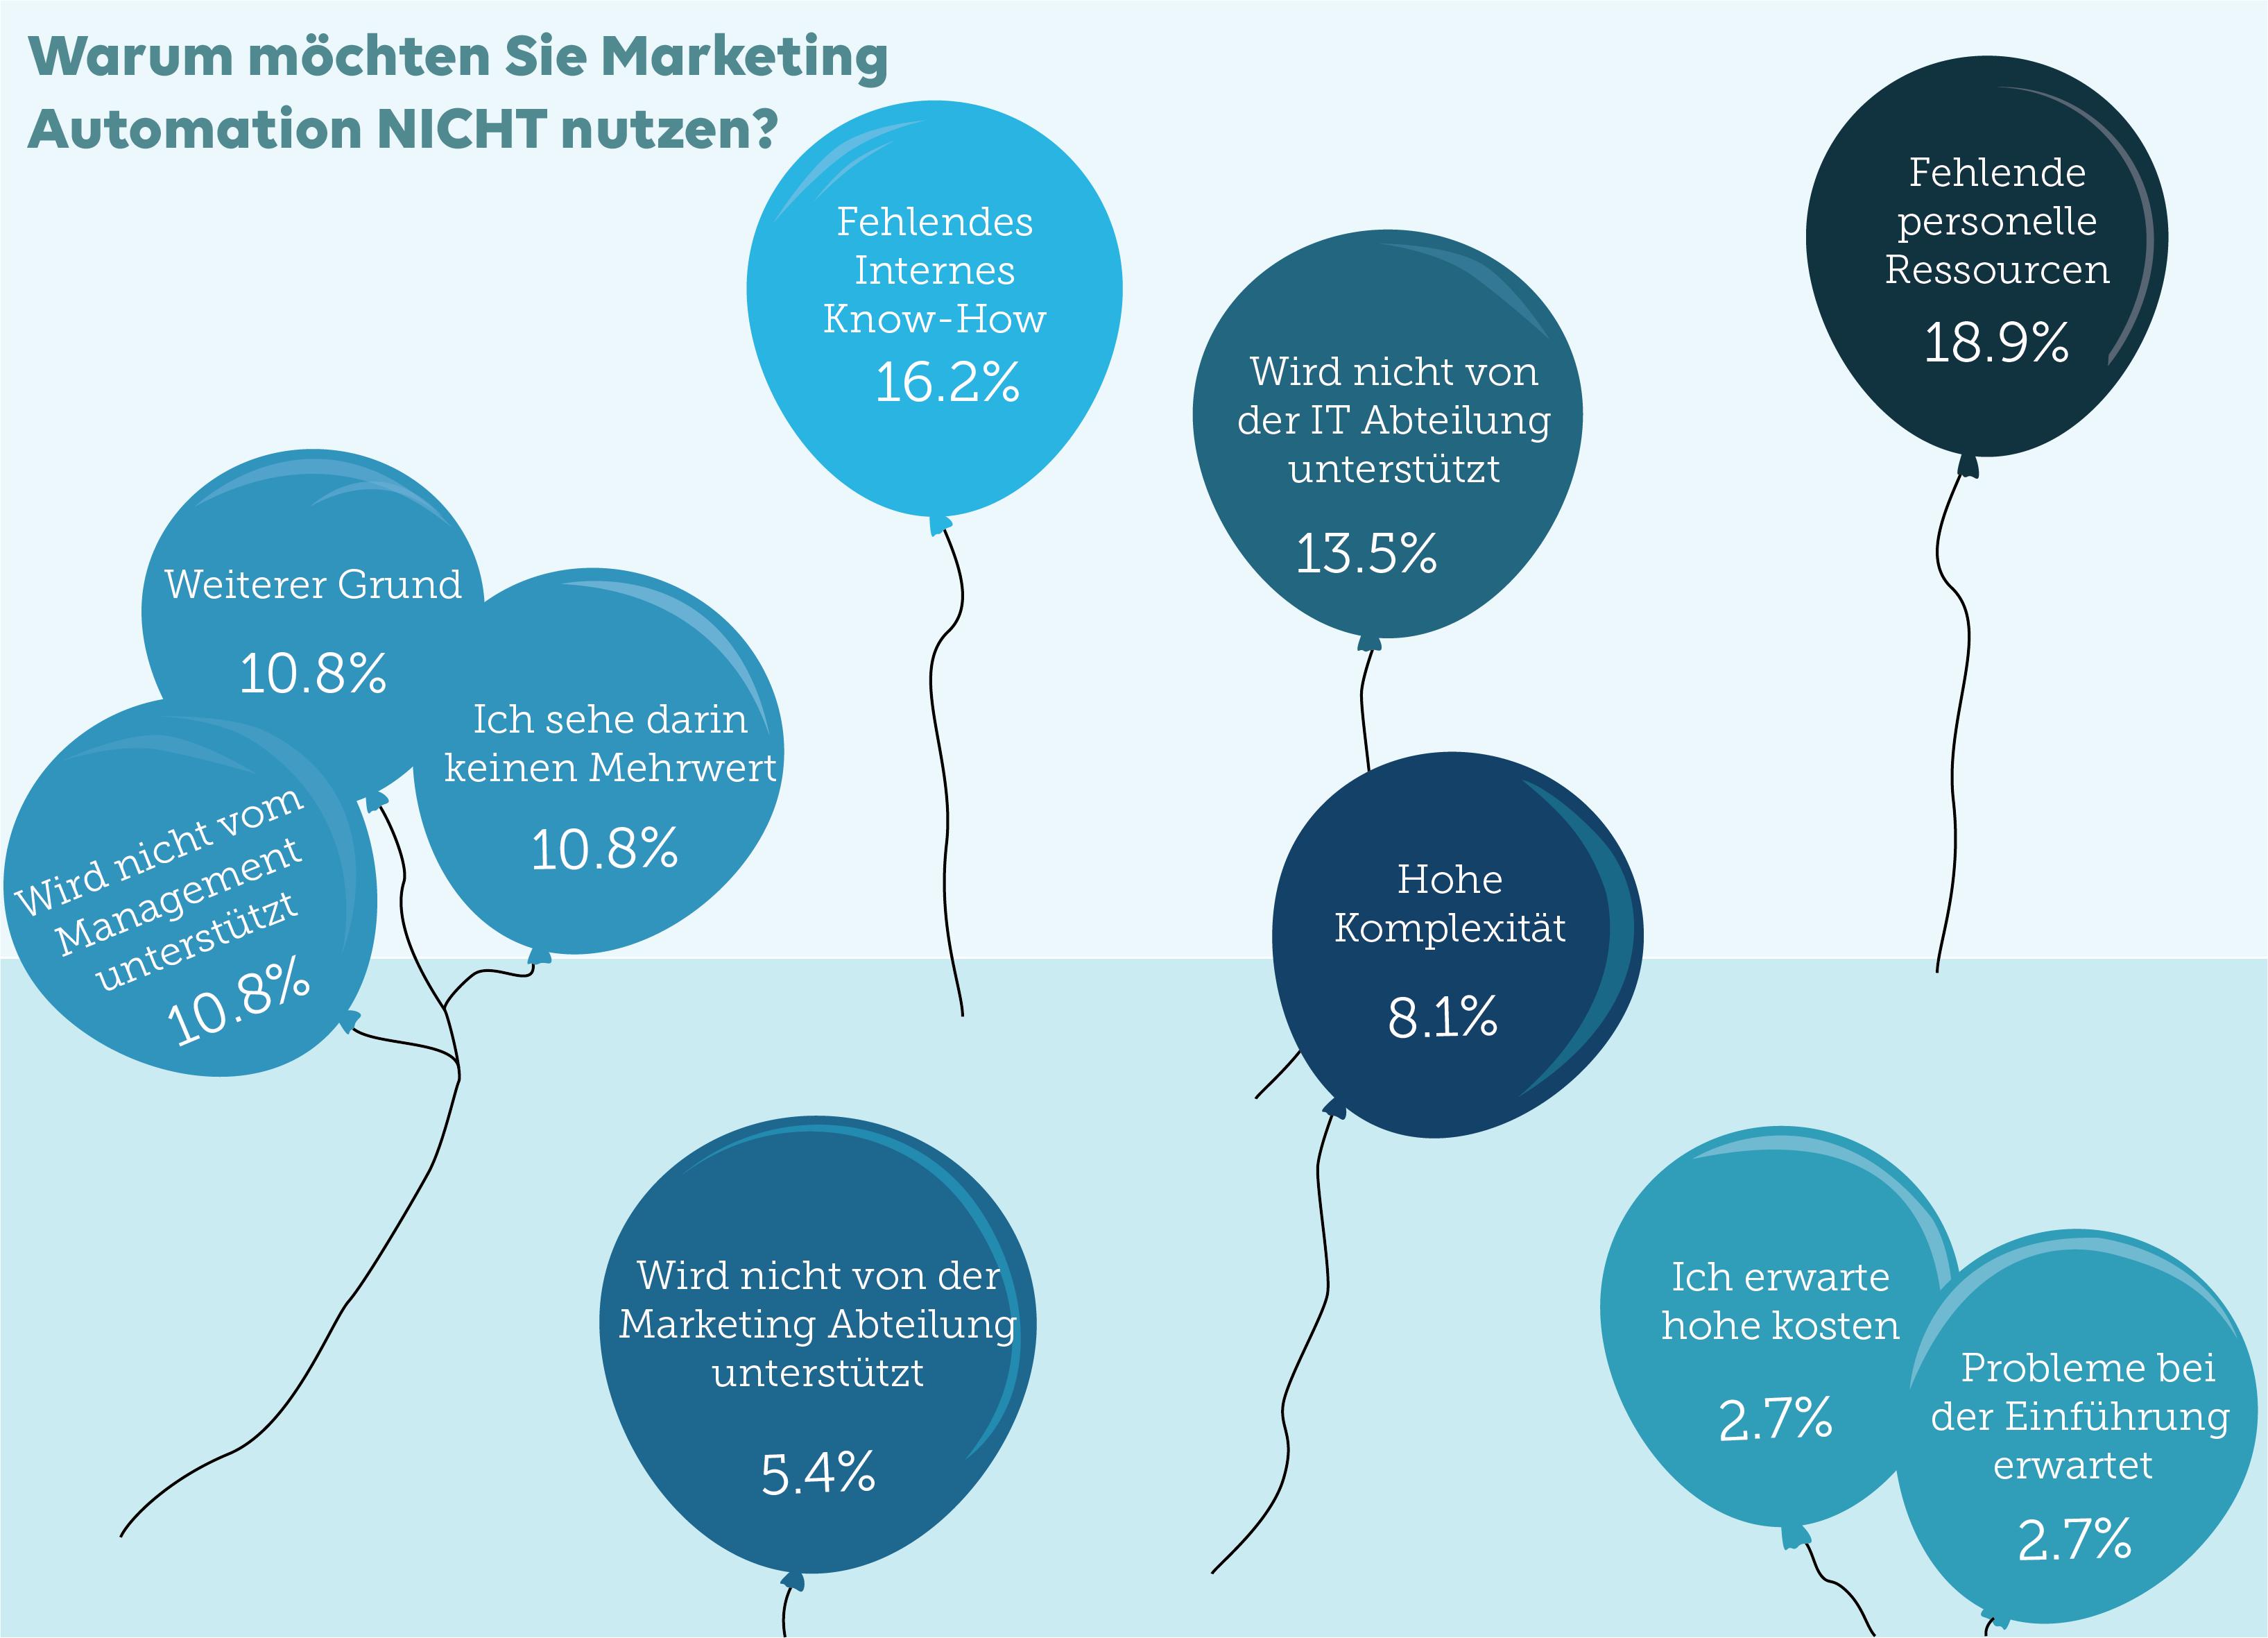 warum Marketing Automation nicht nutzen?